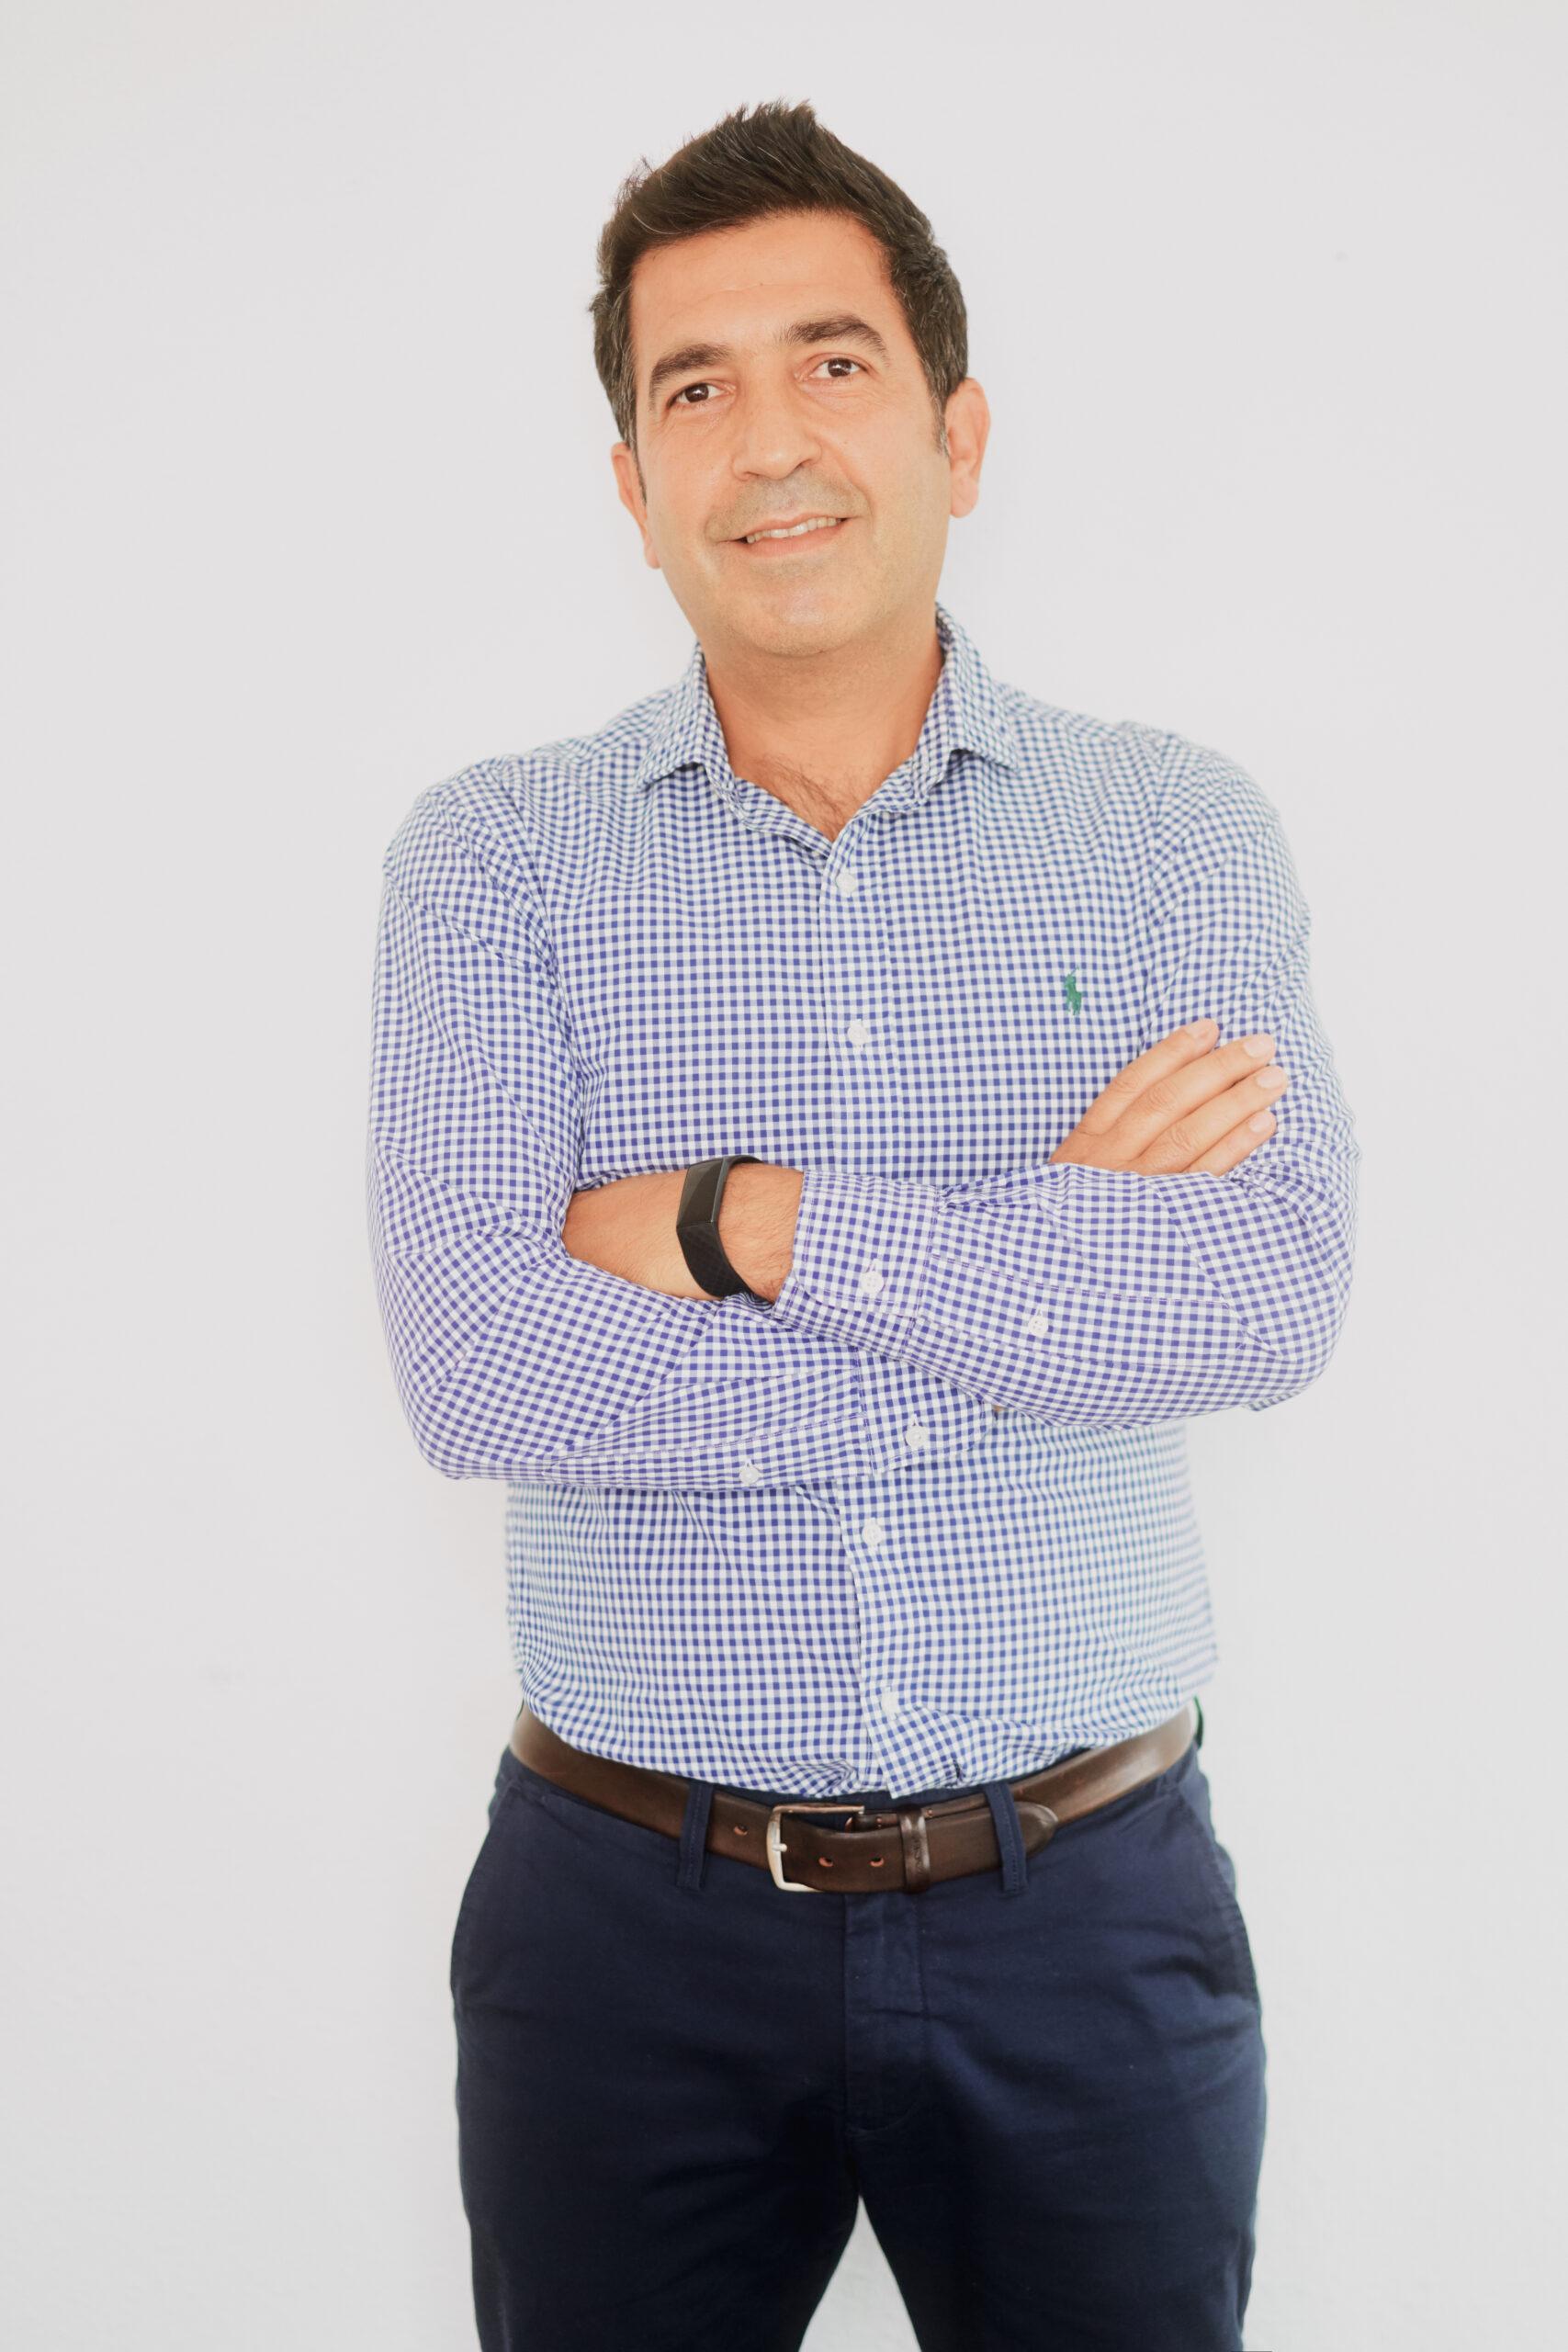 Dr. Serkan Çelik